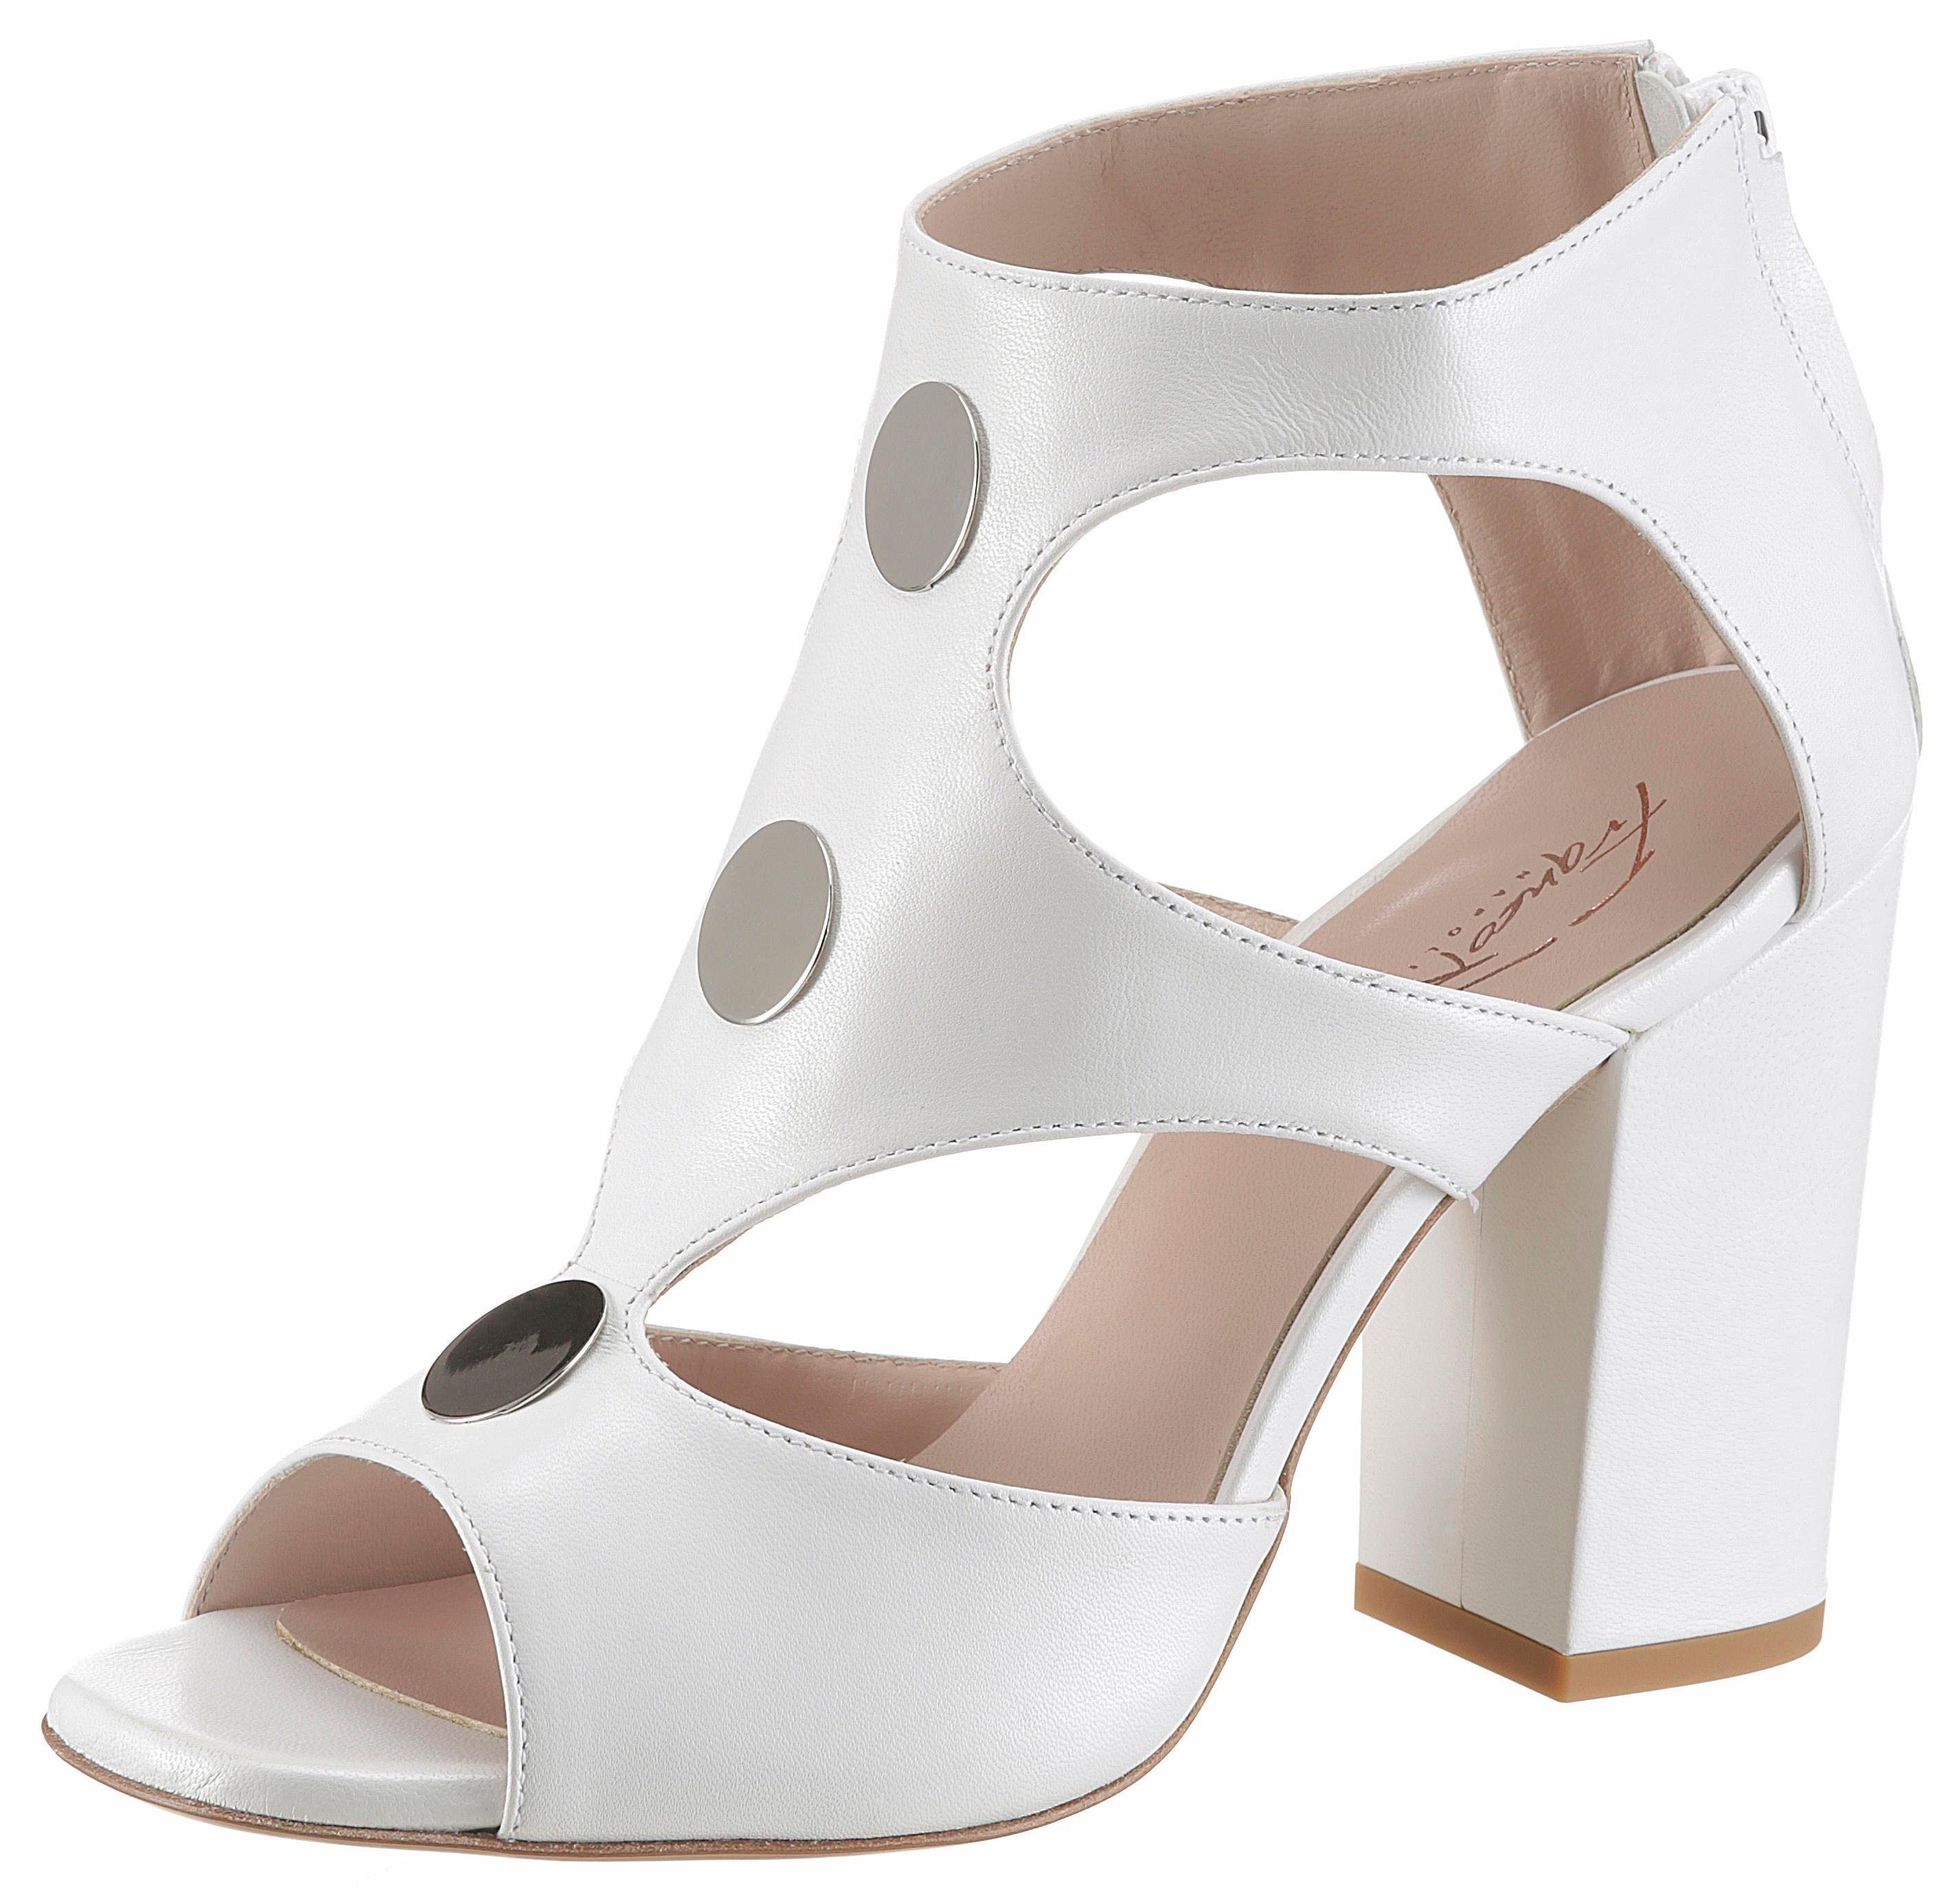 Franco Russo High-Heel-Sandalette, mit goldfarbenen Elementen online kaufen  weiß